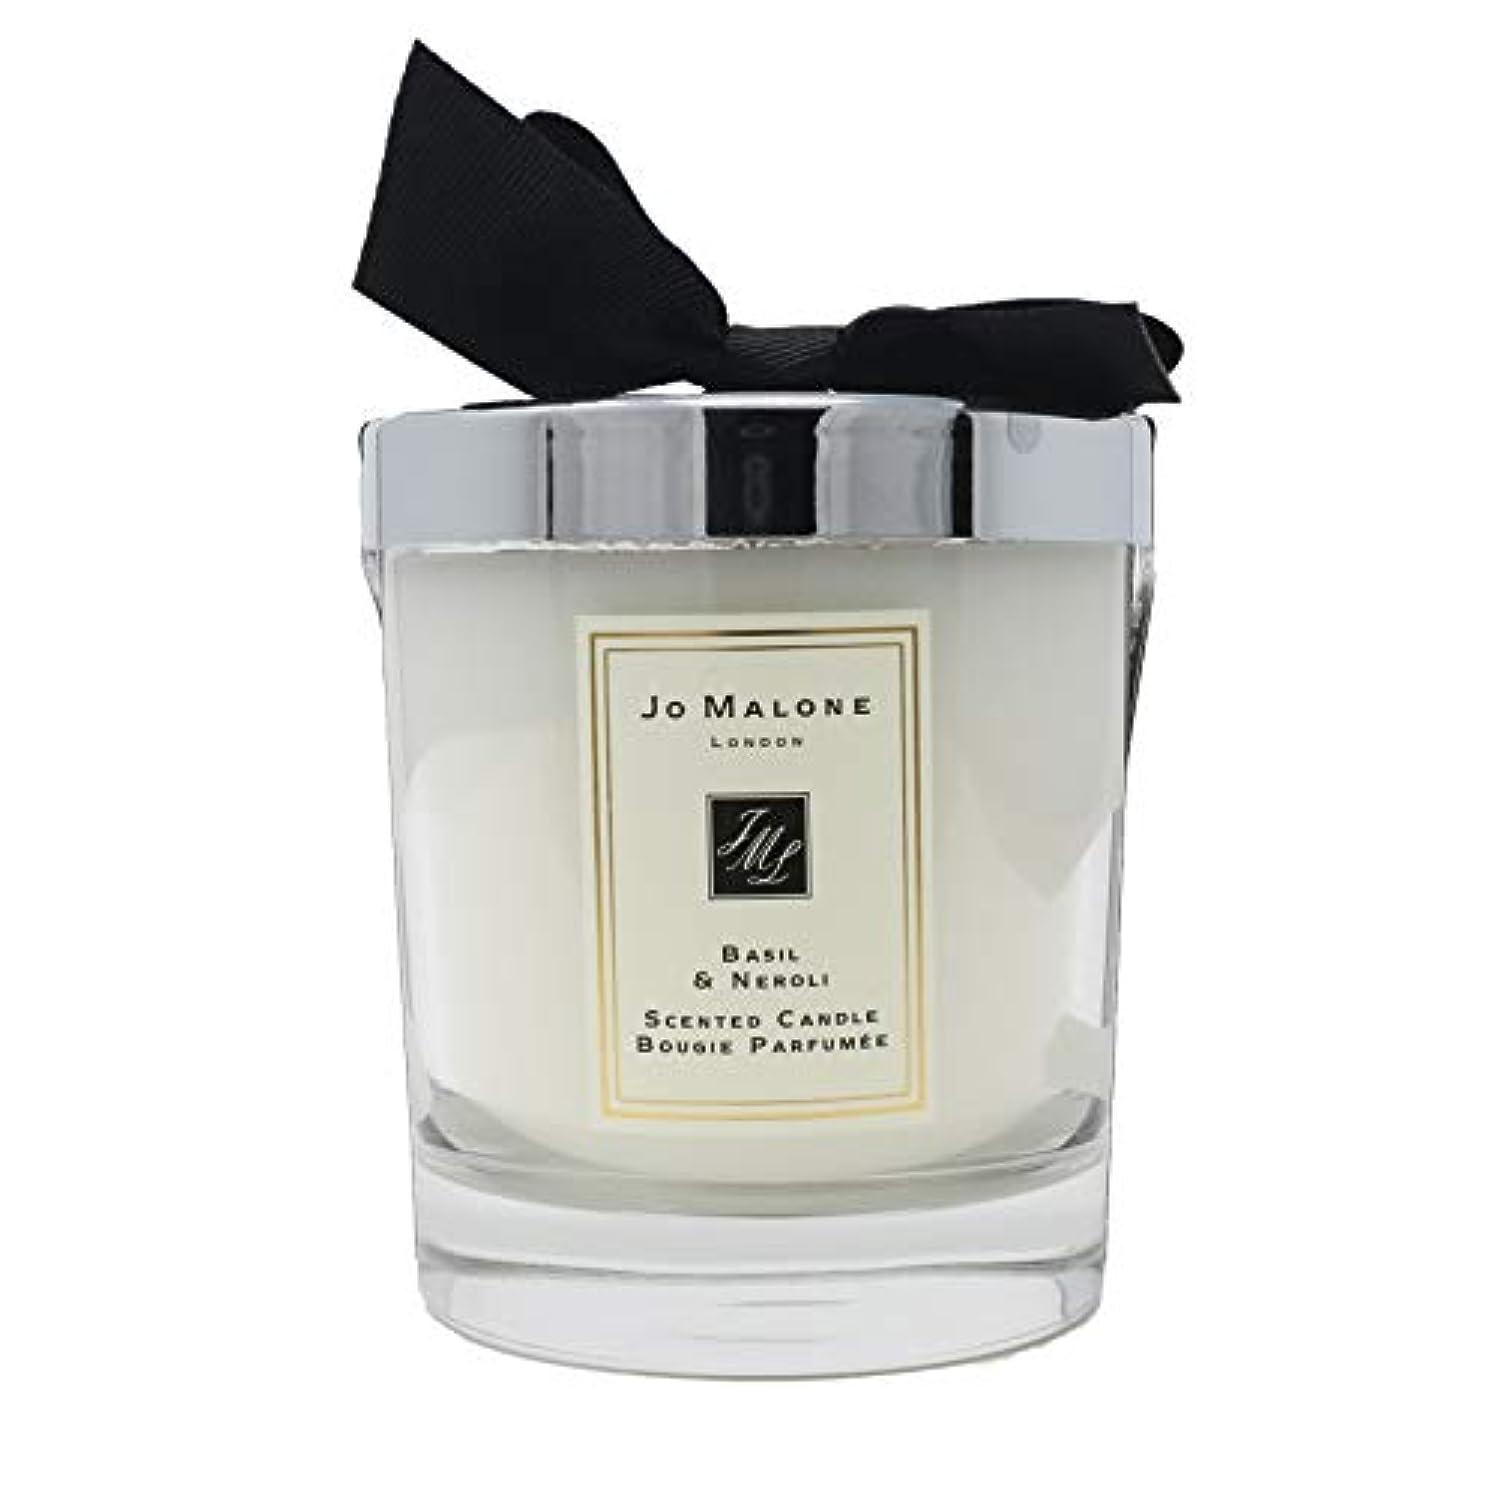 ジャーナリスト命令うぬぼれたJo Malone Basil &ネロリScented Candle 200 g ( 2.5インチ)